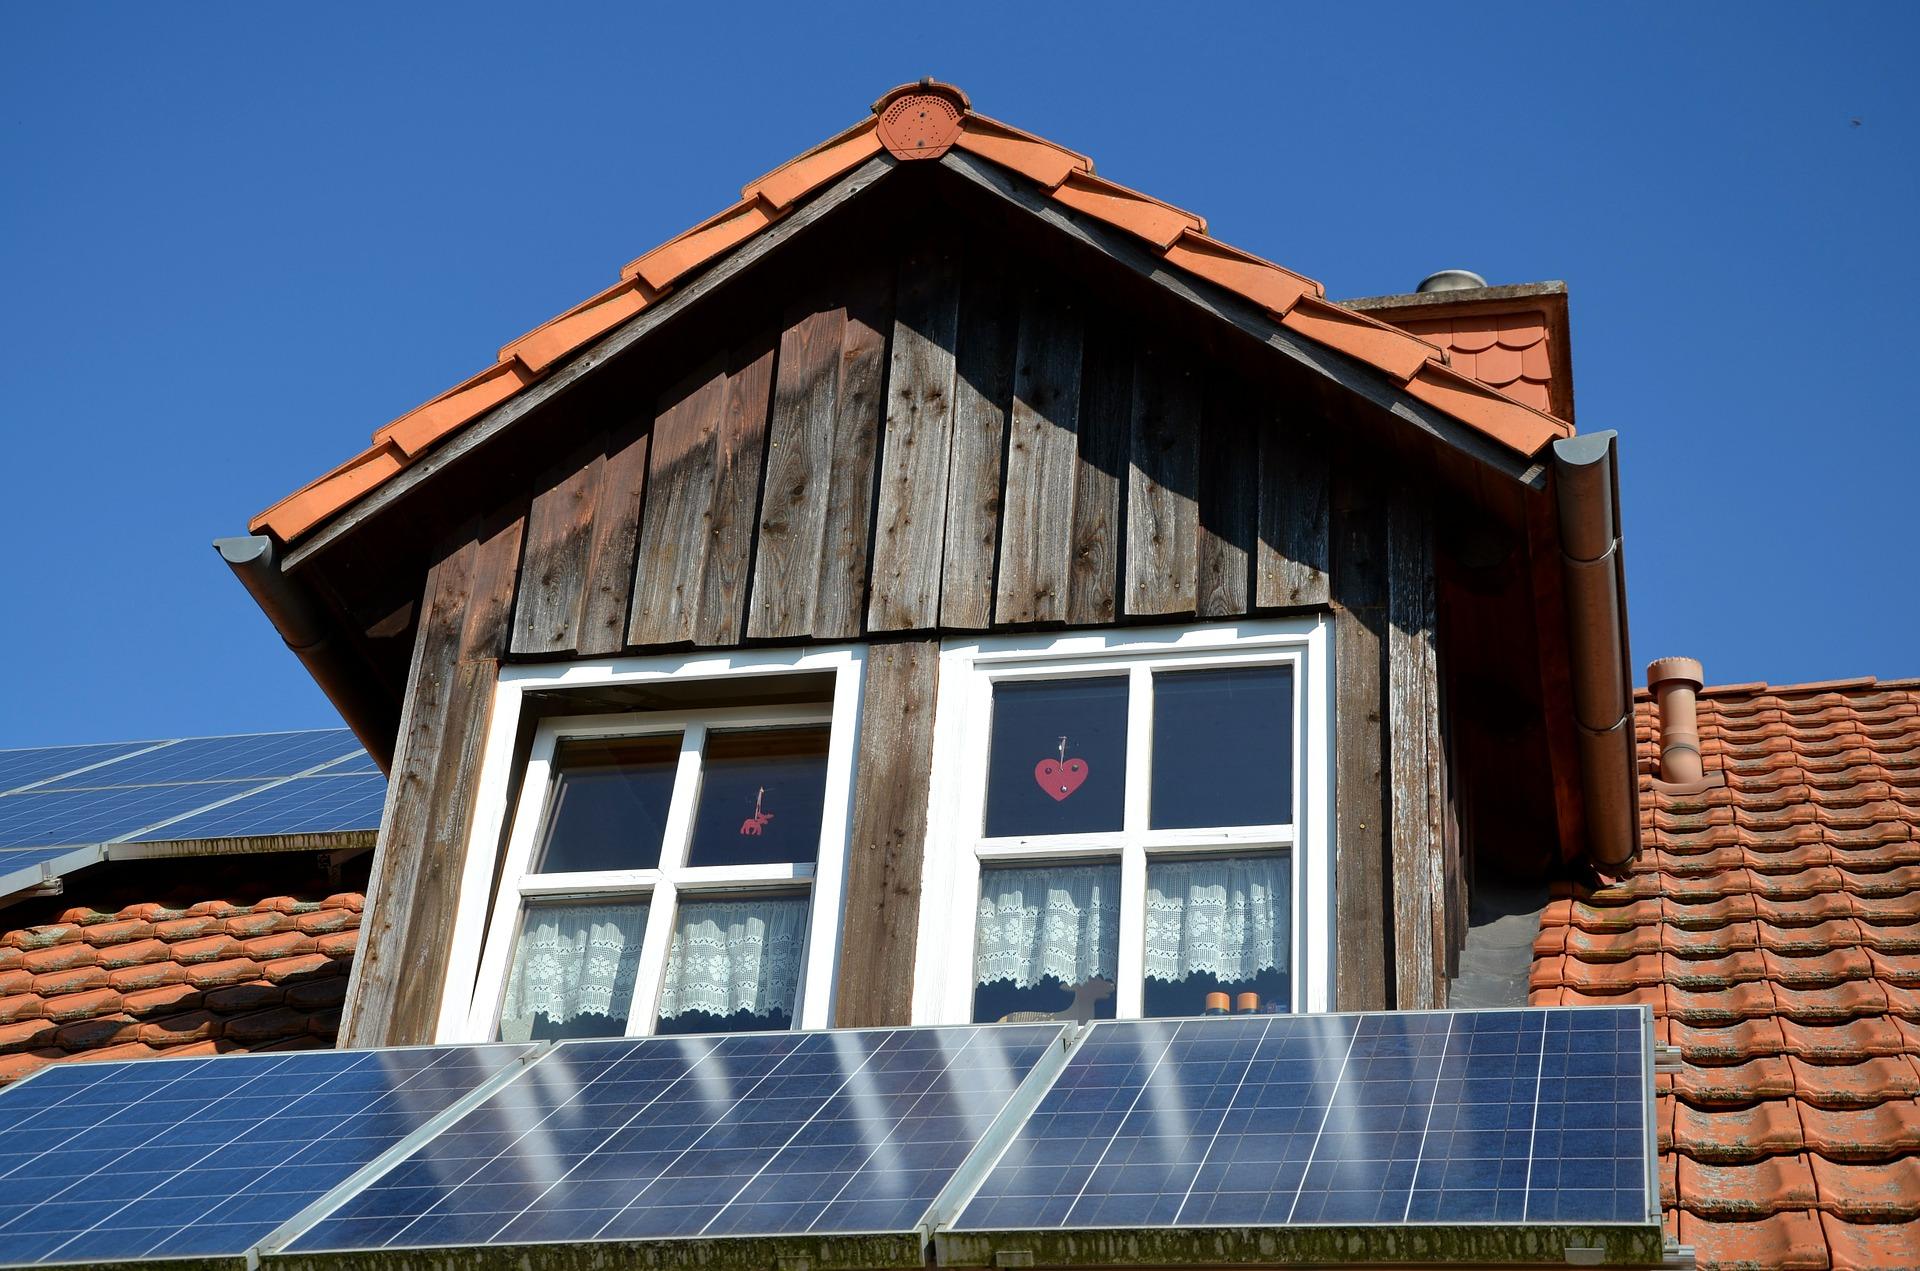 Solaranlagen lohnen sich!